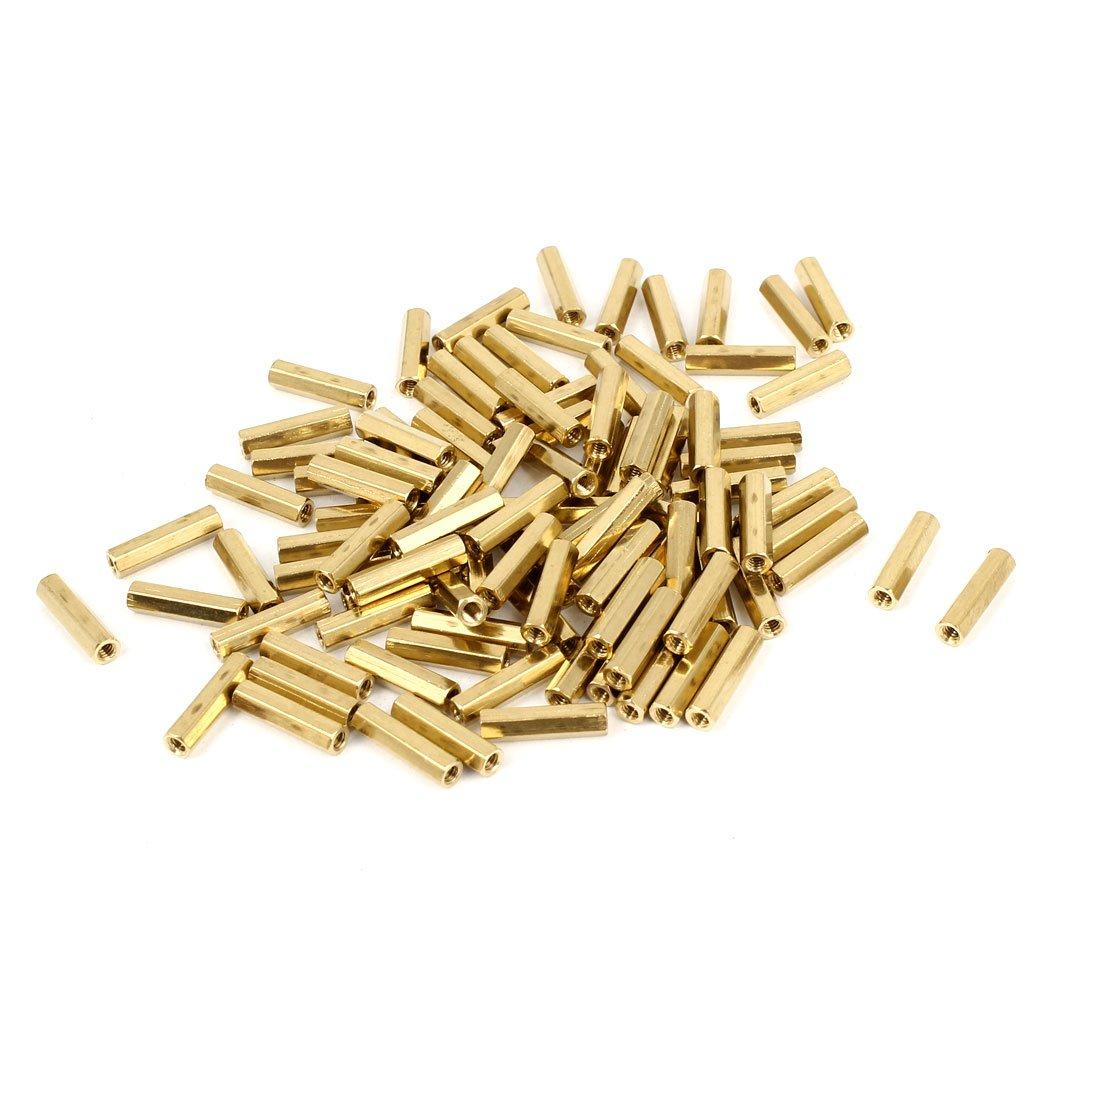 100 pezzi M2 femmina a colonna distanziatori per distanziatore esagonale 12 mm lunghezza sourcing map a14081400ux0122